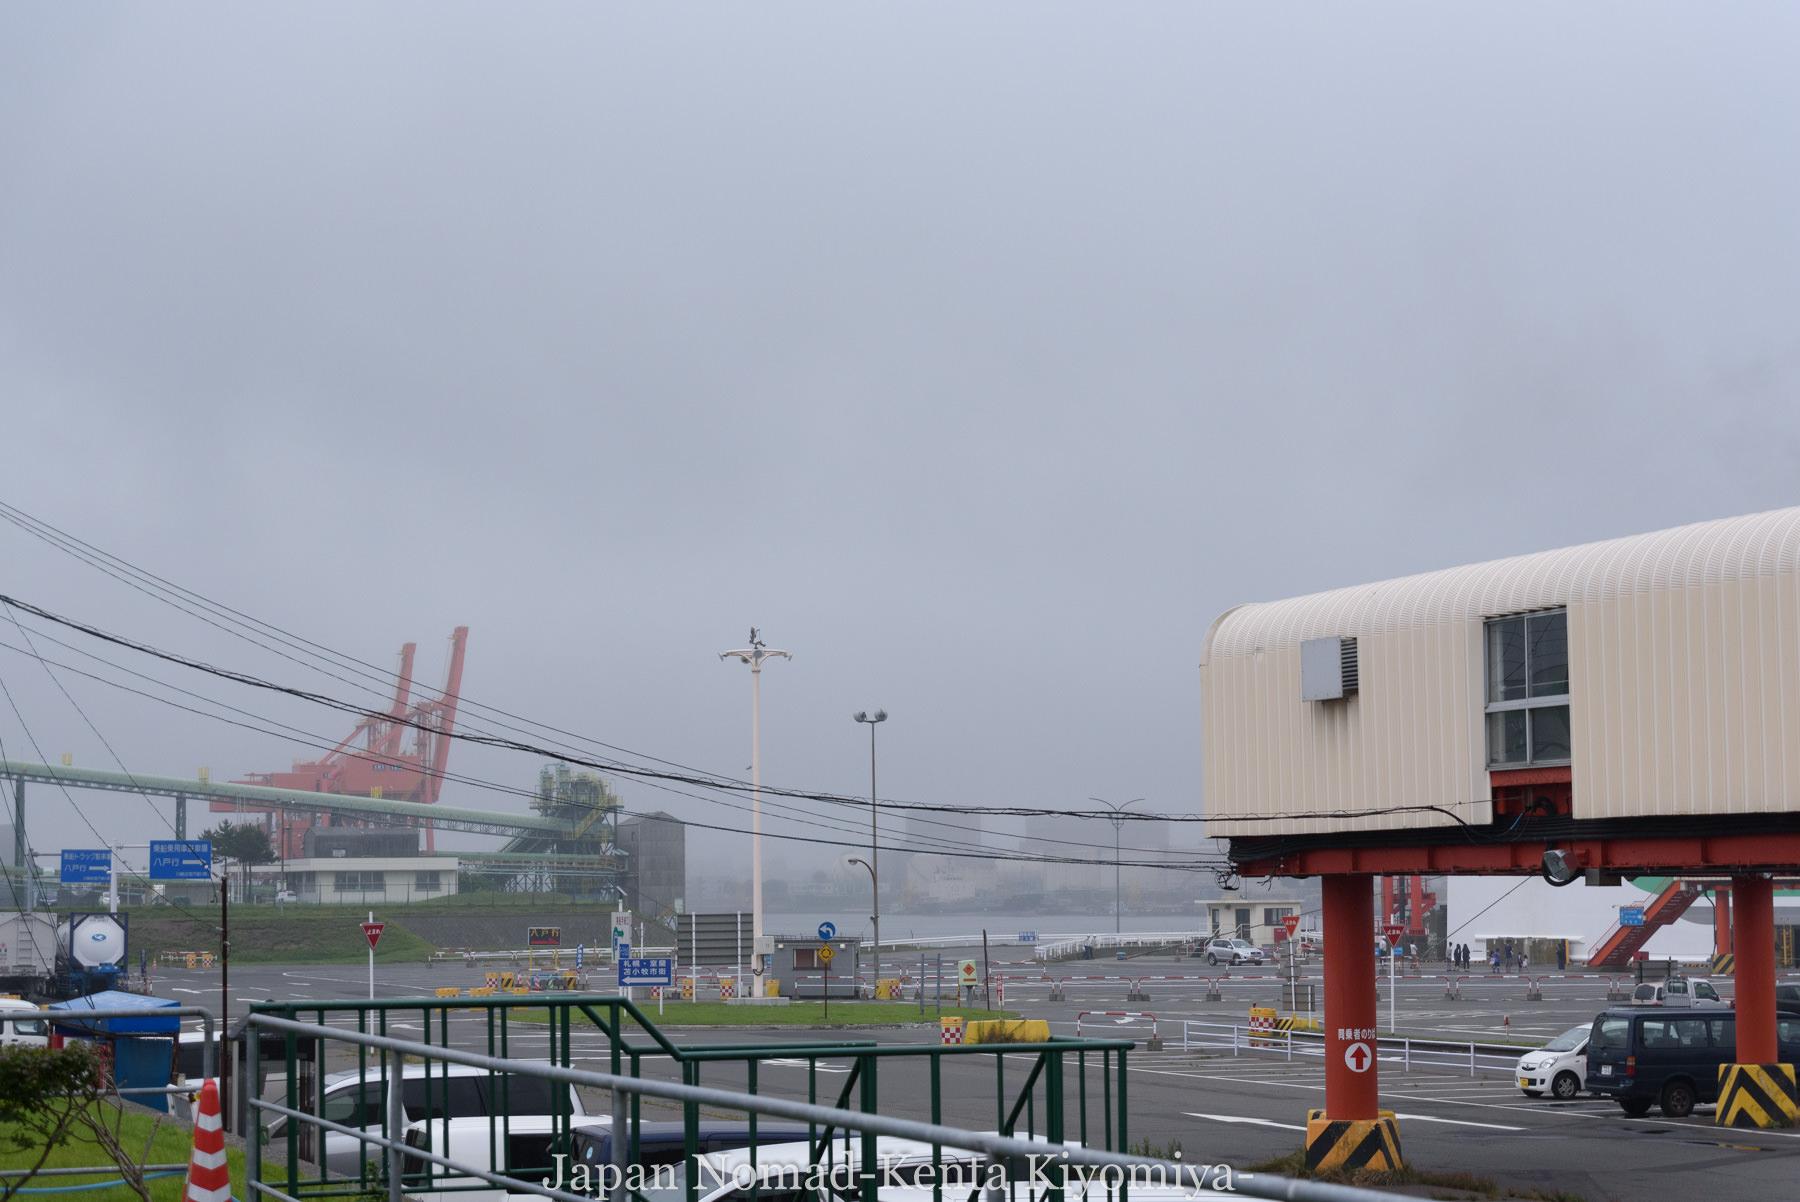 自転車日本一周111日目(苫小牧フェリーターミナル停滞)-Japan Nomad (2)